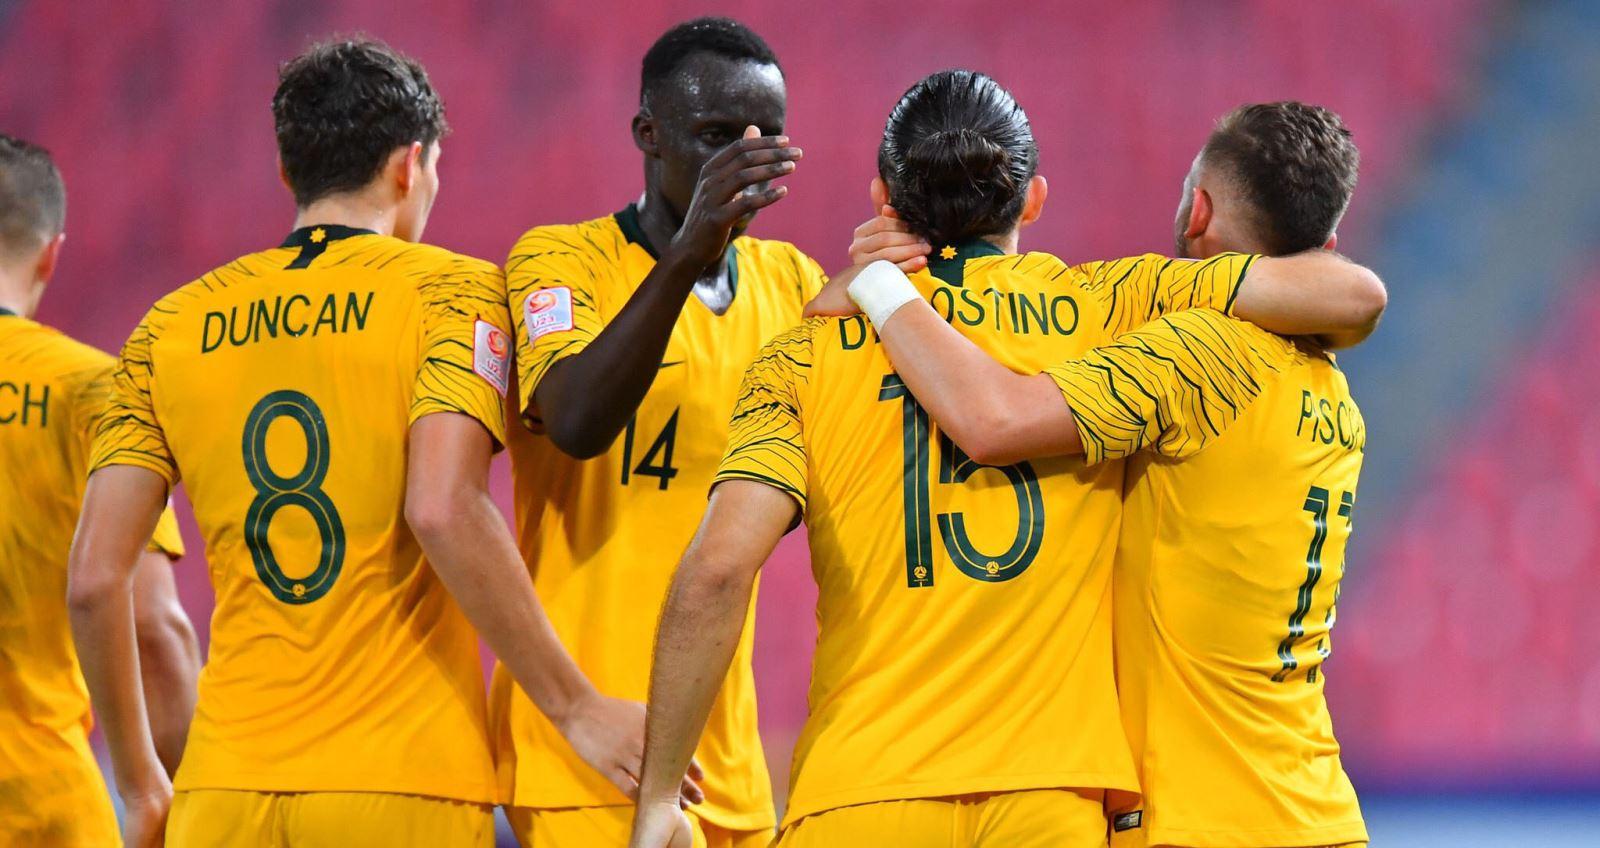 bóng đá, bong da, barcelona, chelsea, kết quả bóng đá, trực tiếp bóng đá, lịch thi đấu, messi, La Liga, U23 Úc, u23 uzbekistan